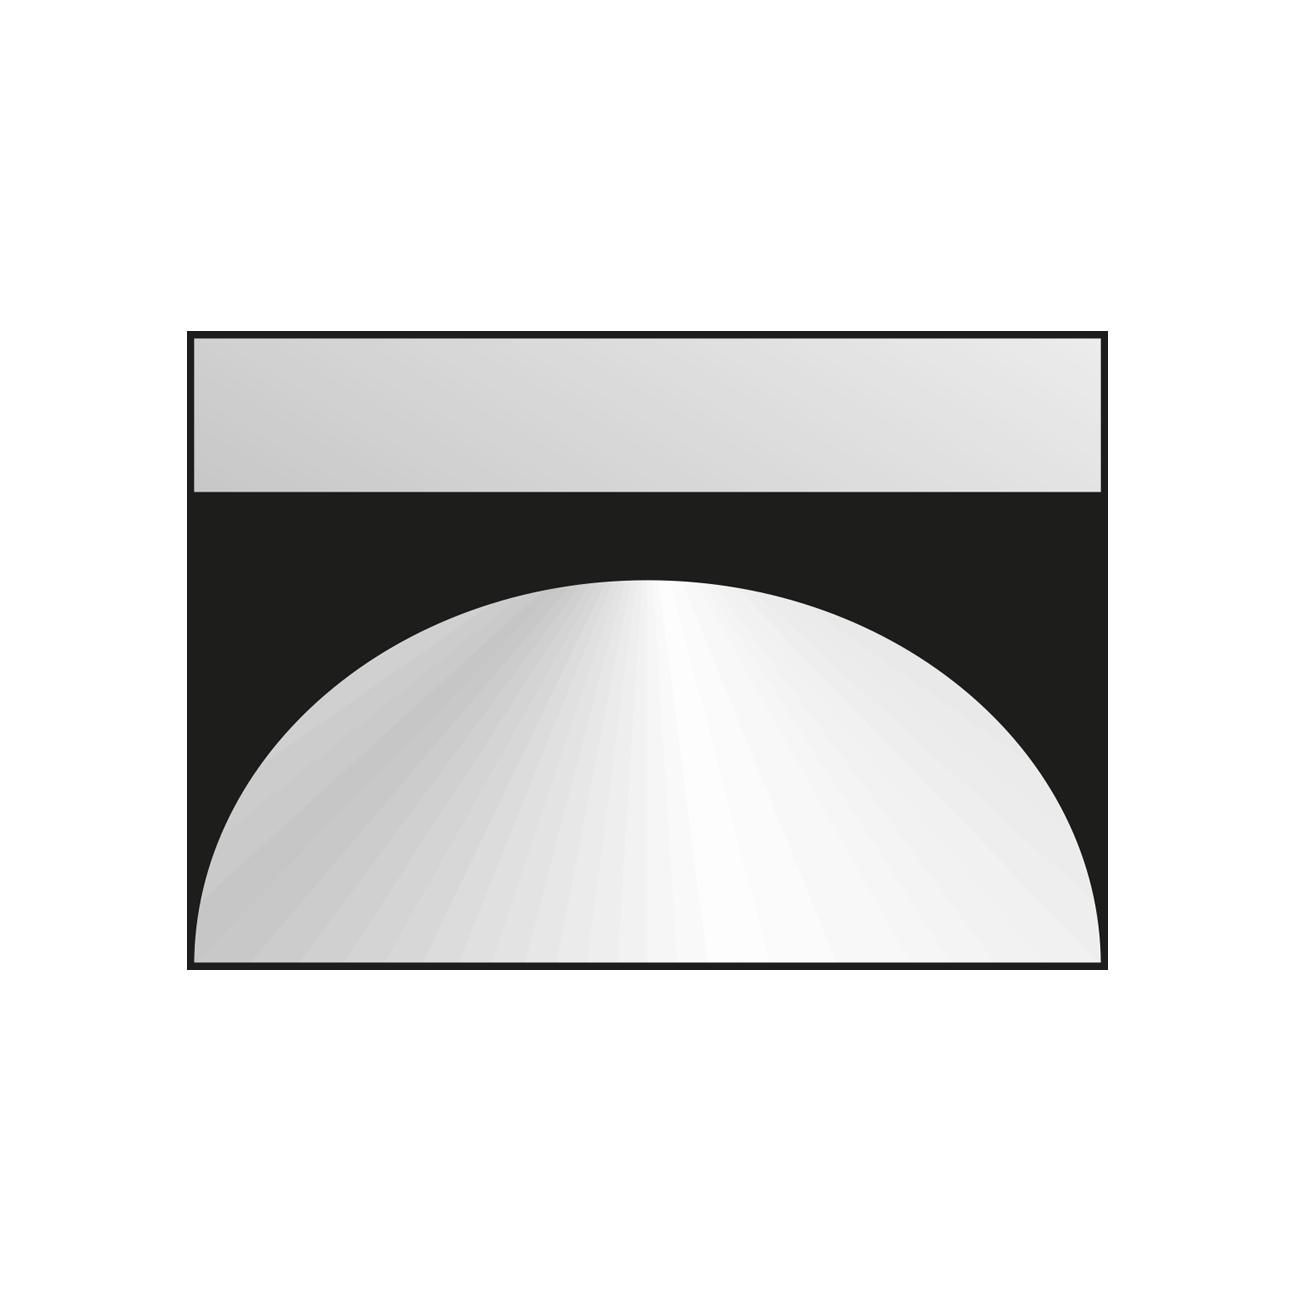 Pana Circulara 6888 Otel Olc45-6×11.0-28